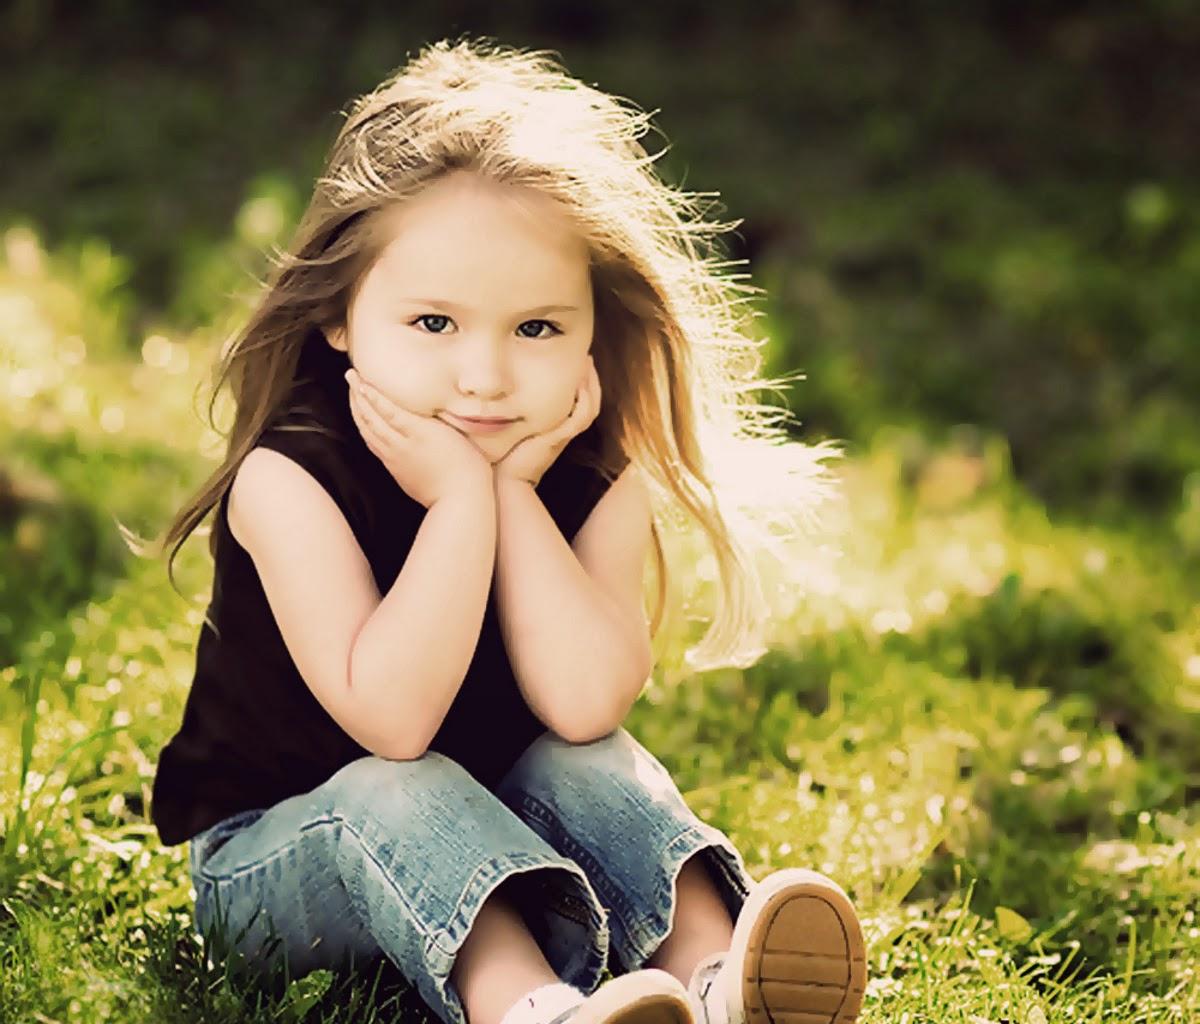 بالصور صور اطفال كول , لعشاق الاطفال وابتسامتهم 3933 2